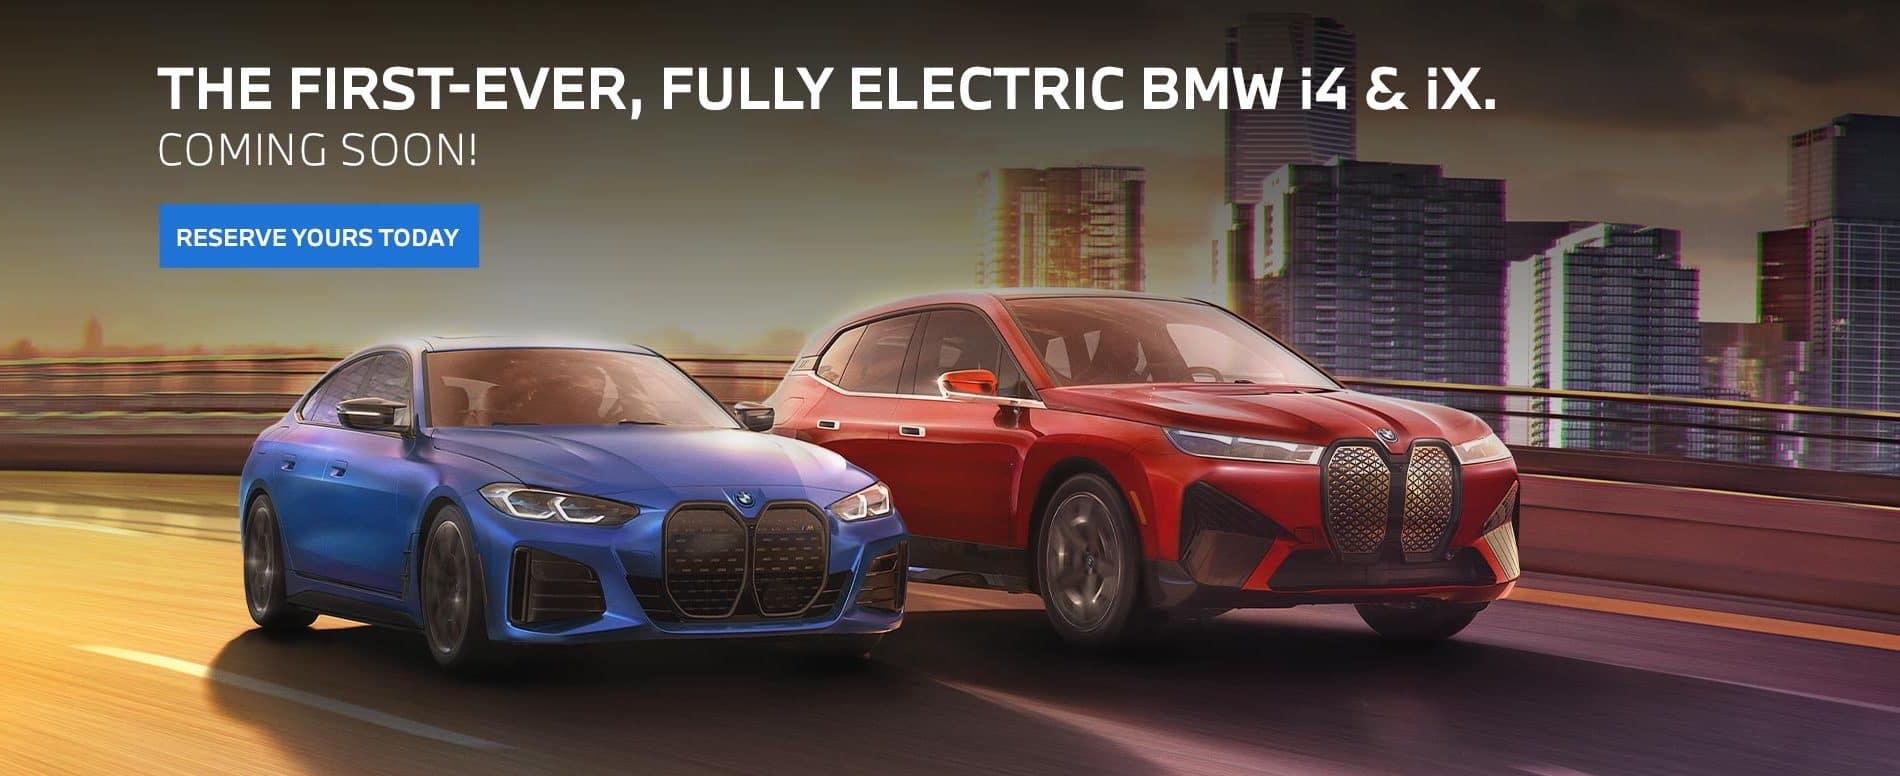 BMWofWestchester_Slide_6-21